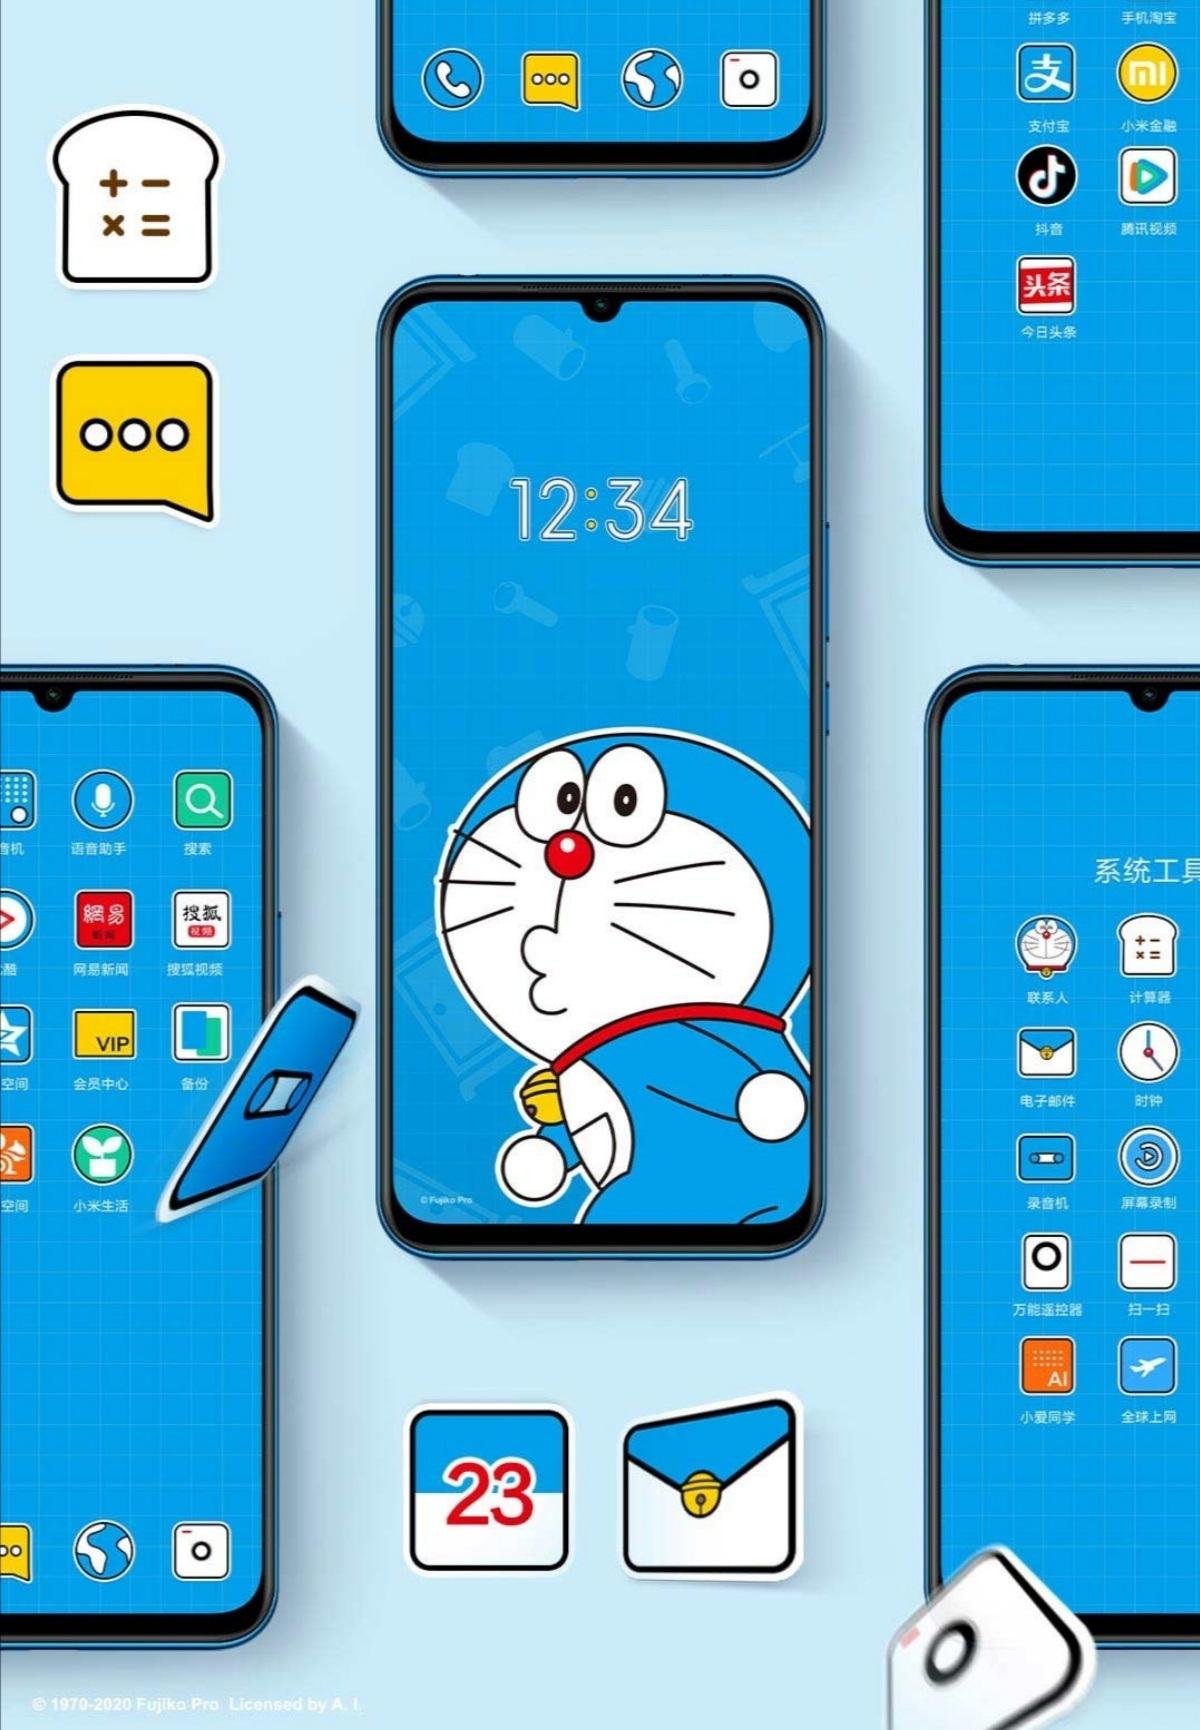 Xiaomi ra mắt chiếc smartphone đặc biệt kỷ niệm 50 năm chú mèo máy Doraemon - 2